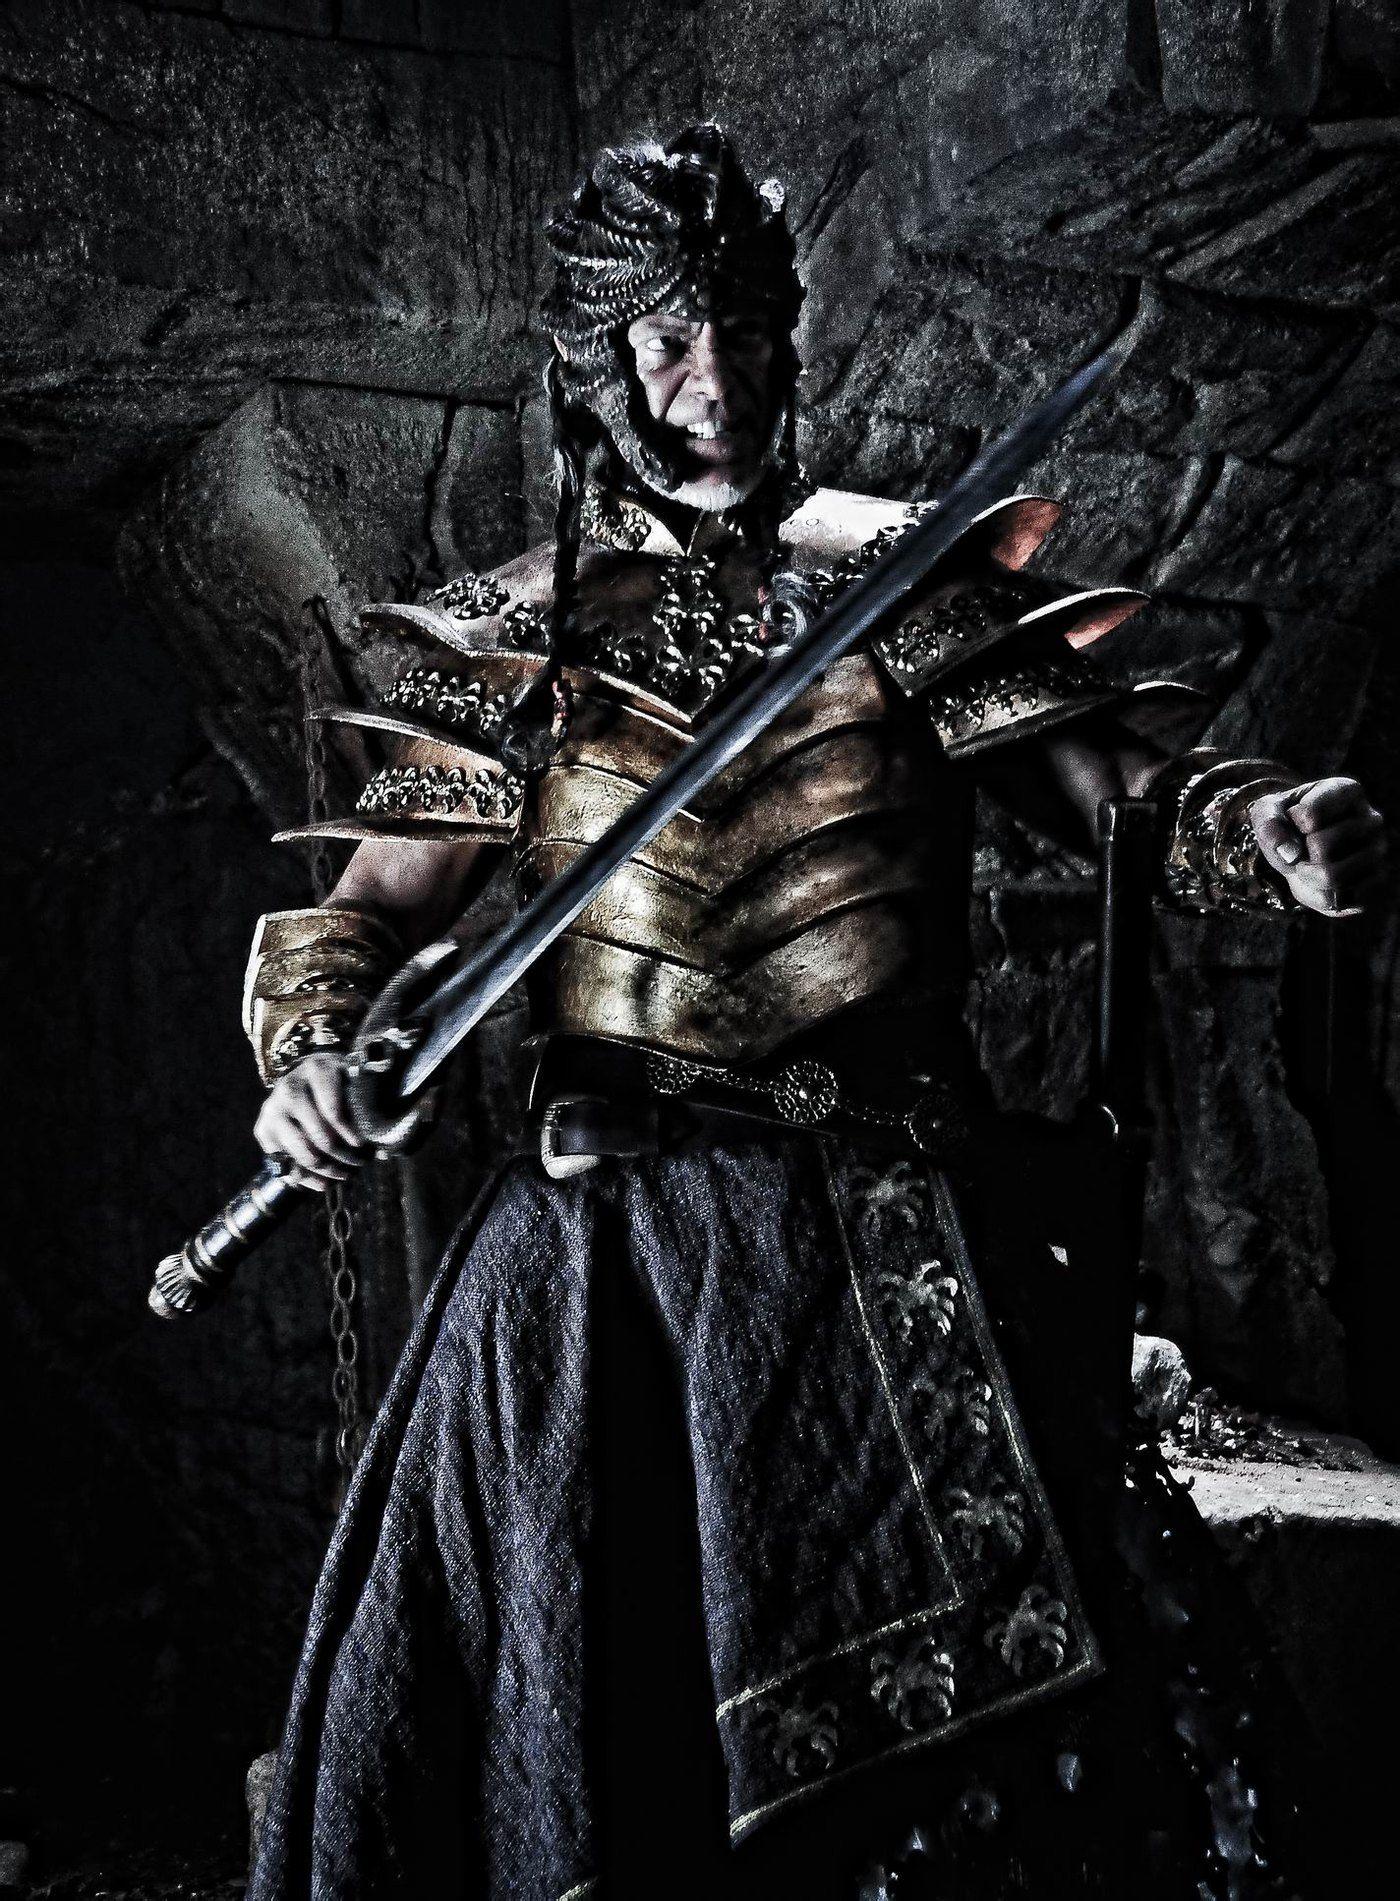 找一张图片,黑色背景,带有剑,有王者气势的那种,要大图120k以上的图片